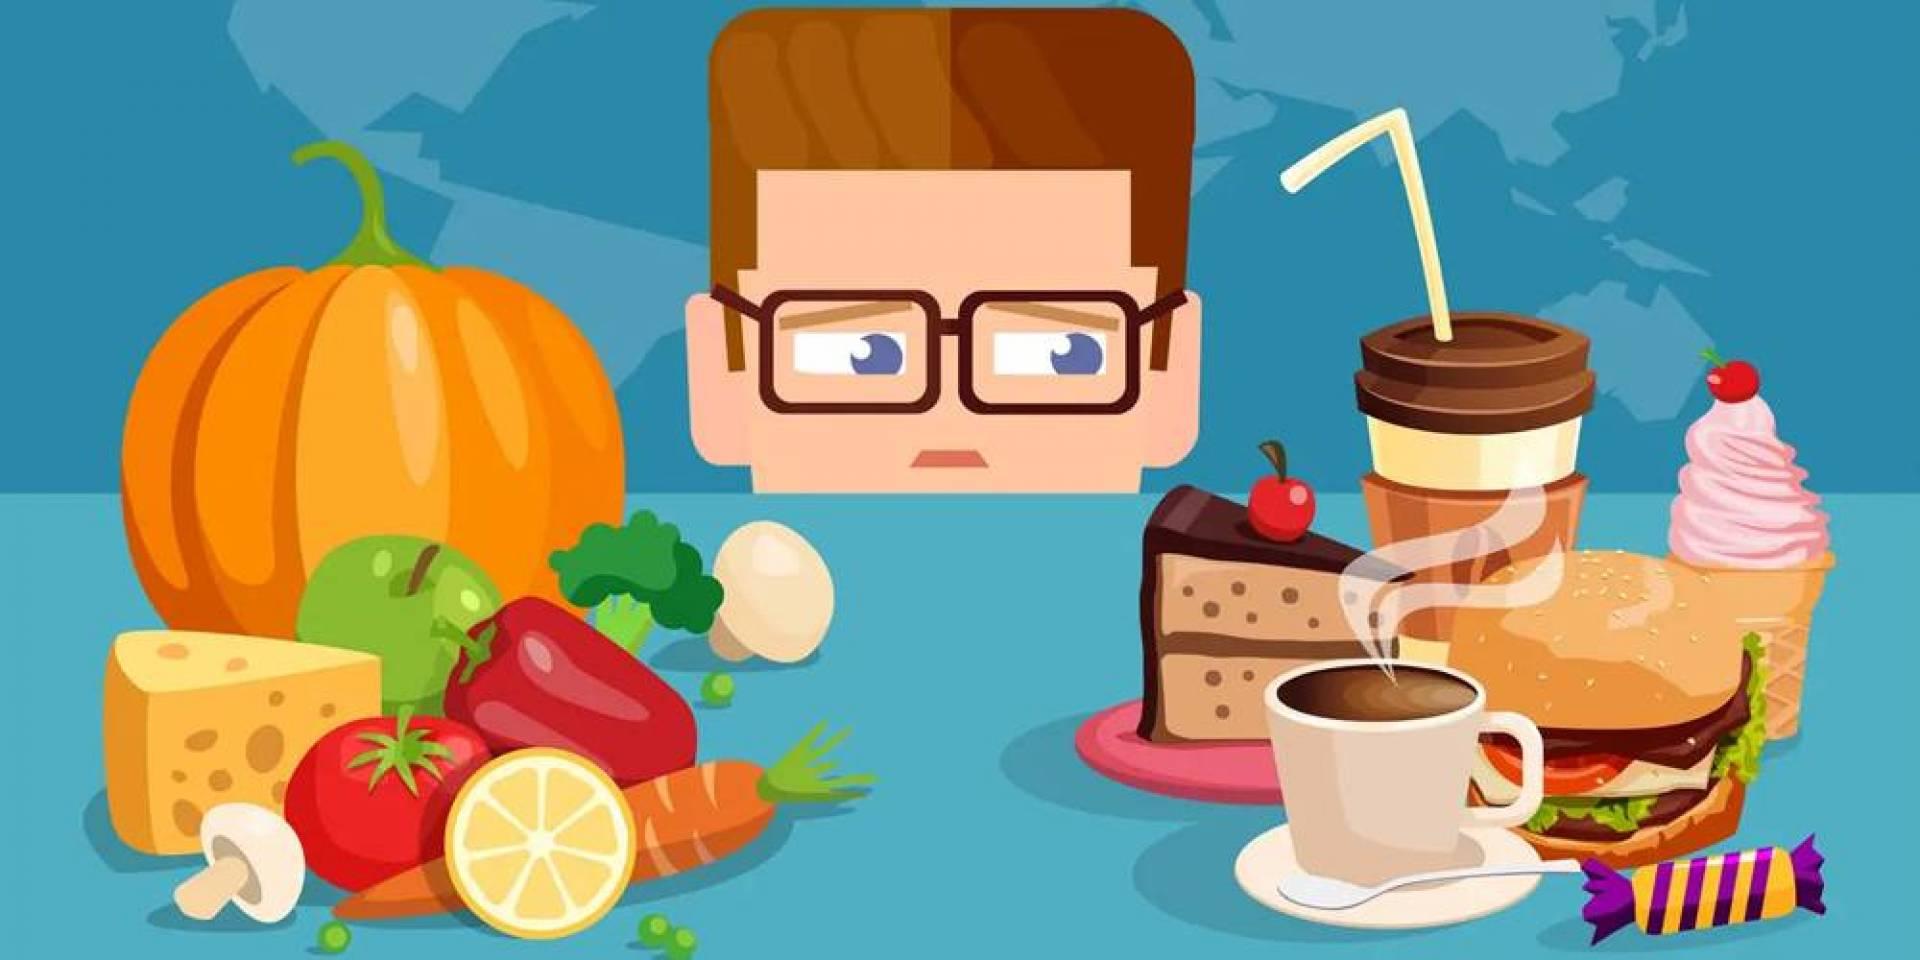 تناول المزيد من الطعام يساعدك على انقاص وزنك